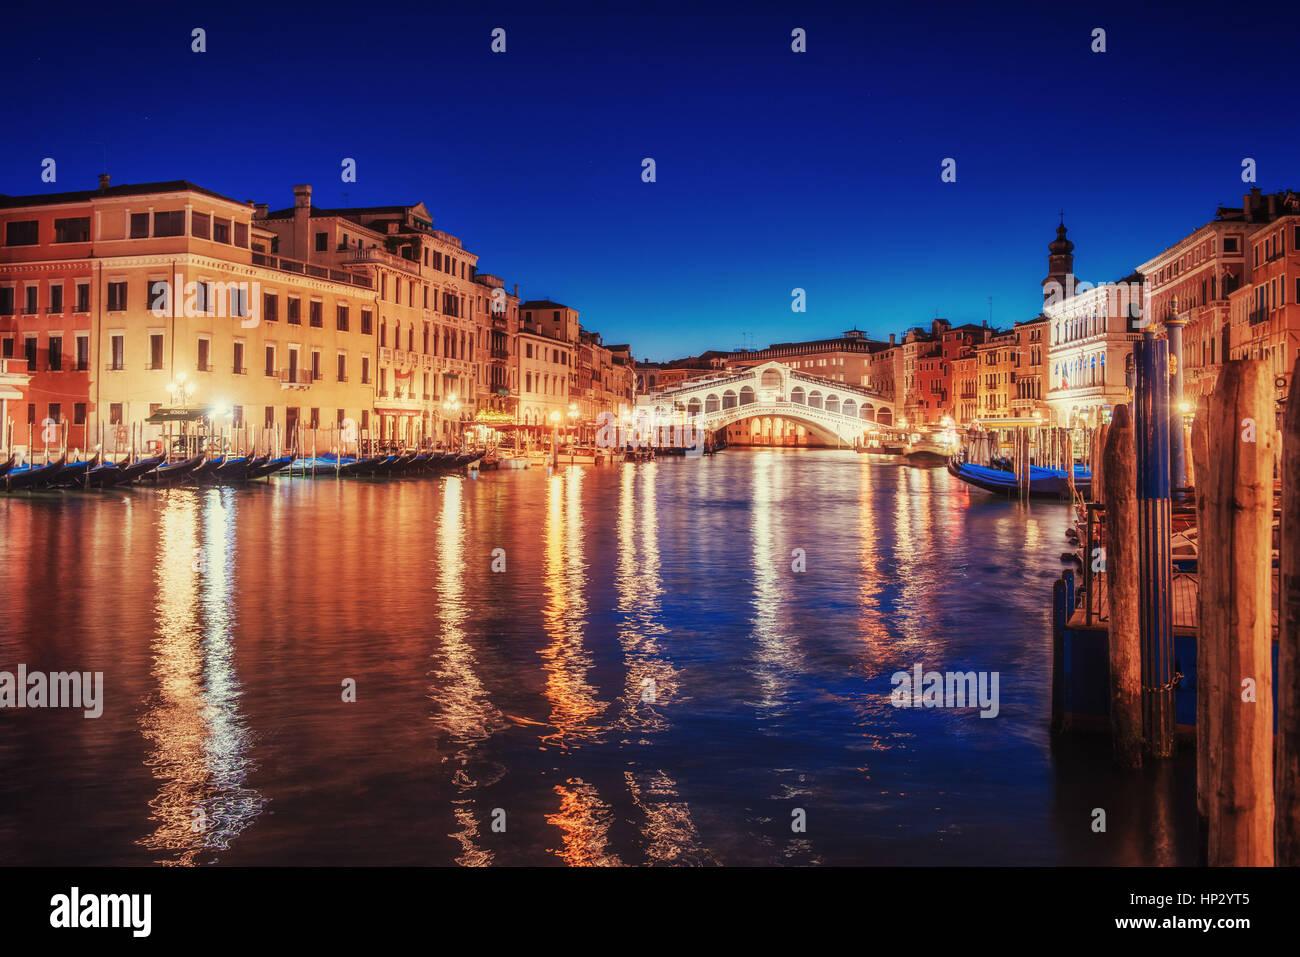 City landscape. Rialto Bridge in Venice, Italy - Stock Image